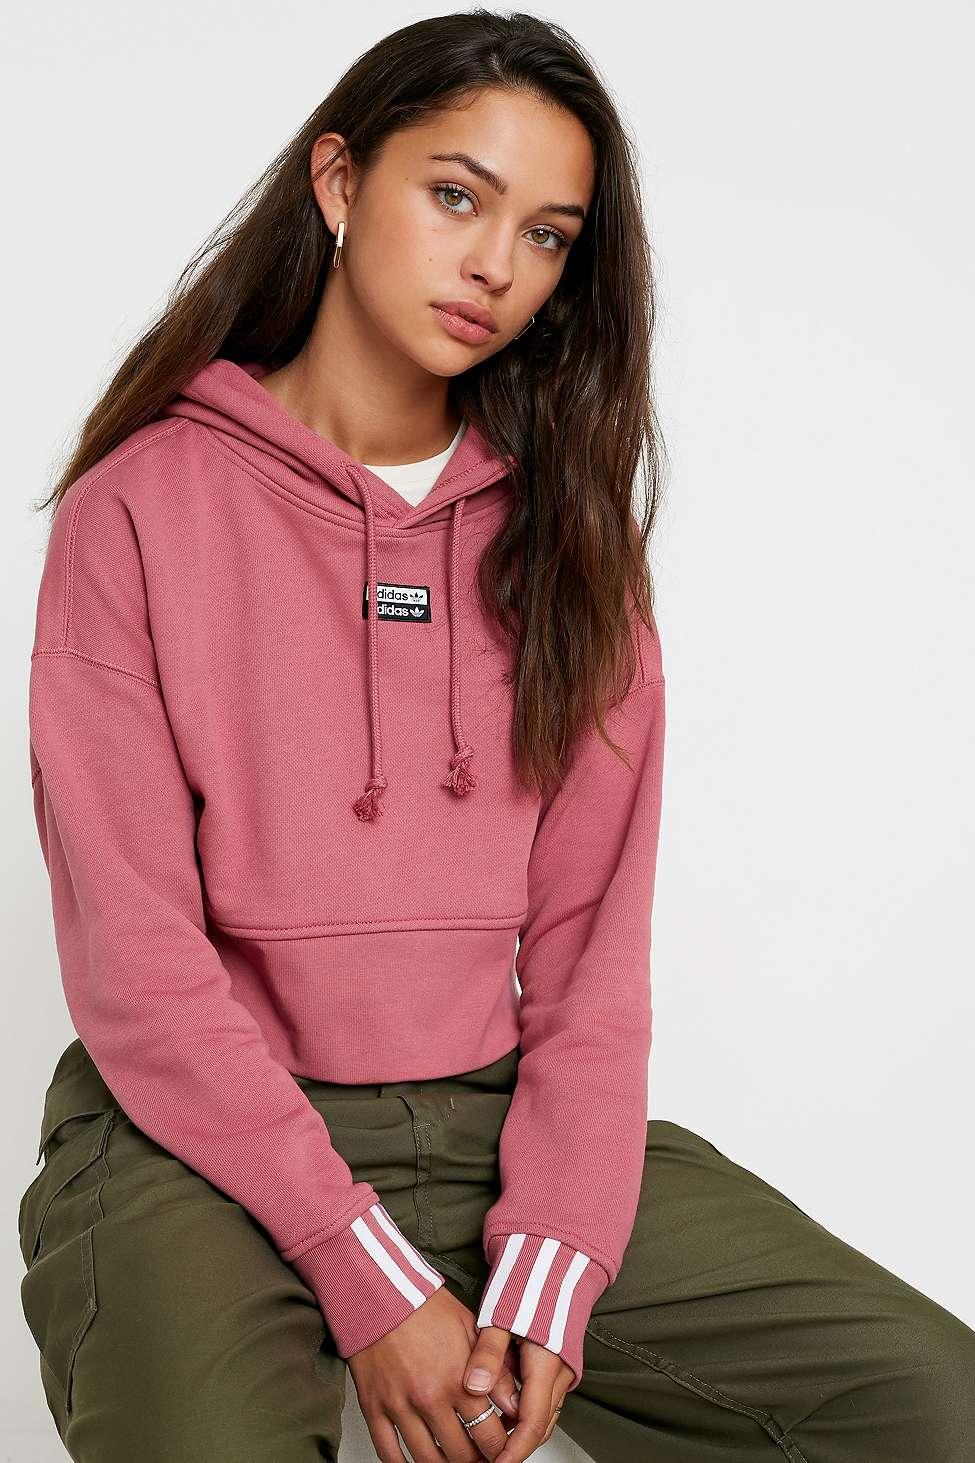 Adidas Originals Vocal Cropped Hoodie by Adidas Originals